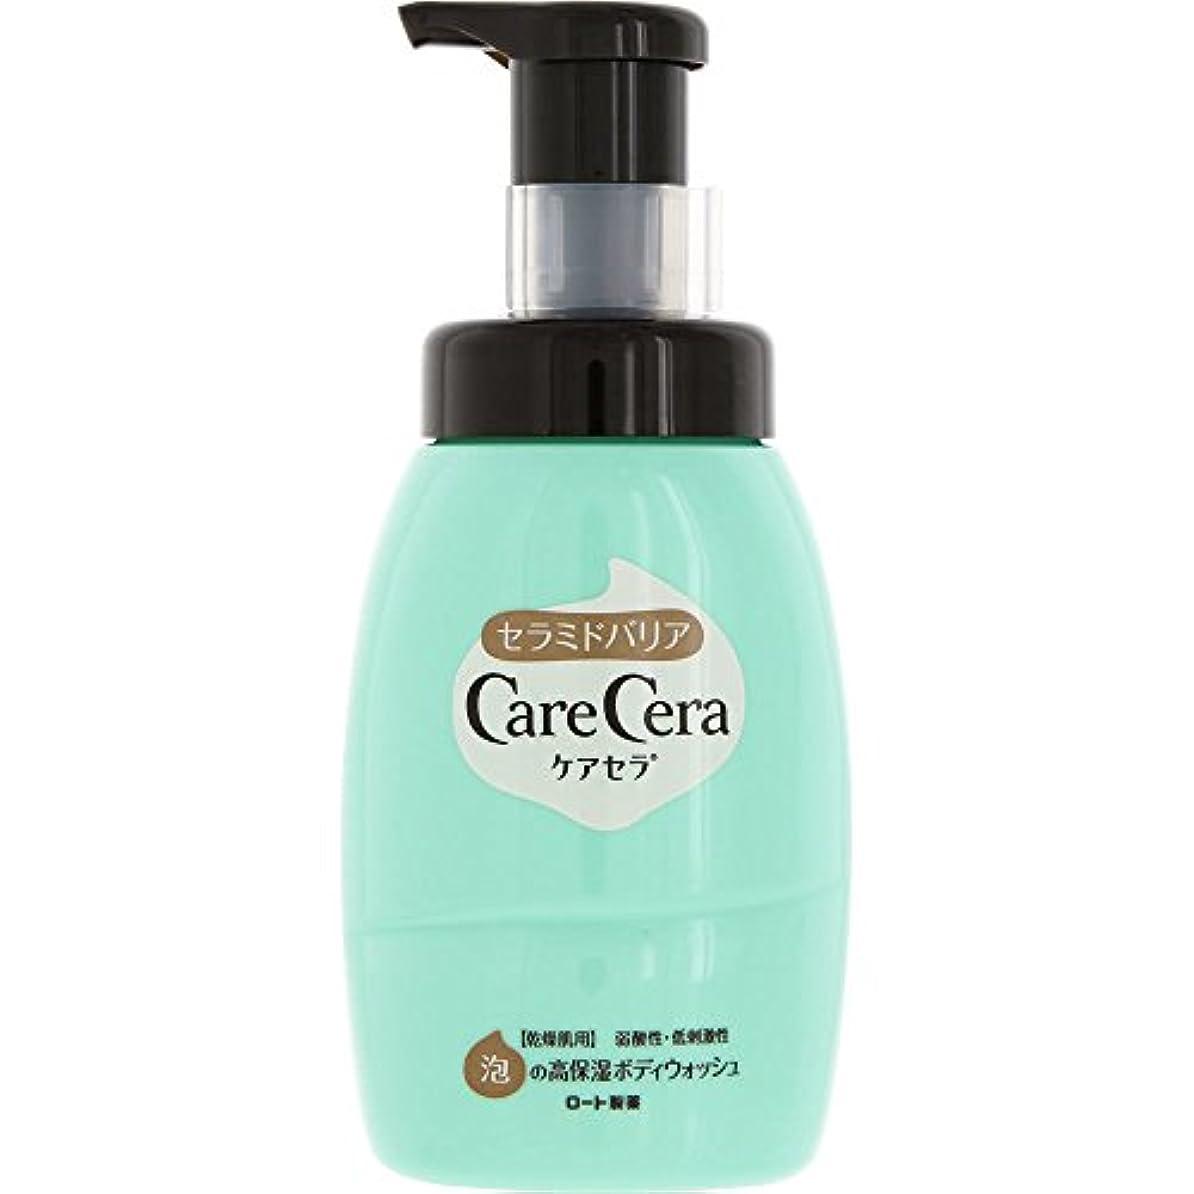 品揃え安定しました教養があるケアセラ(CareCera) ロート製薬 ケアセラ  天然型セラミド7種配合 セラミド濃度10倍泡の高保湿 全身ボディウォッシュ ピュアフローラルの香り お試し企画品 300mL